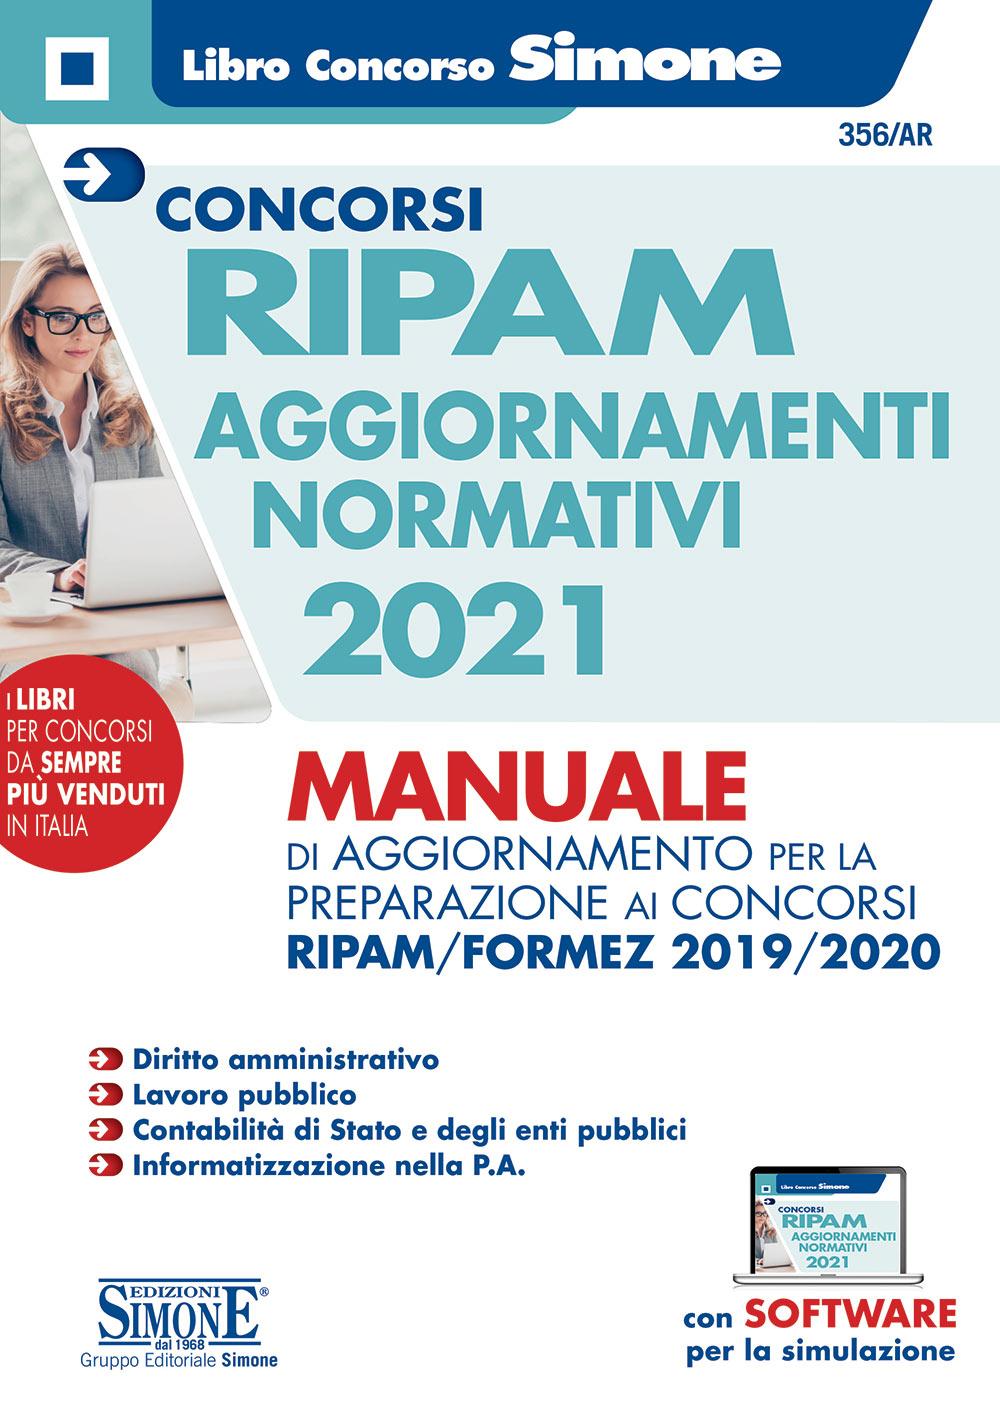 manuale Concorsi Ripam 2021